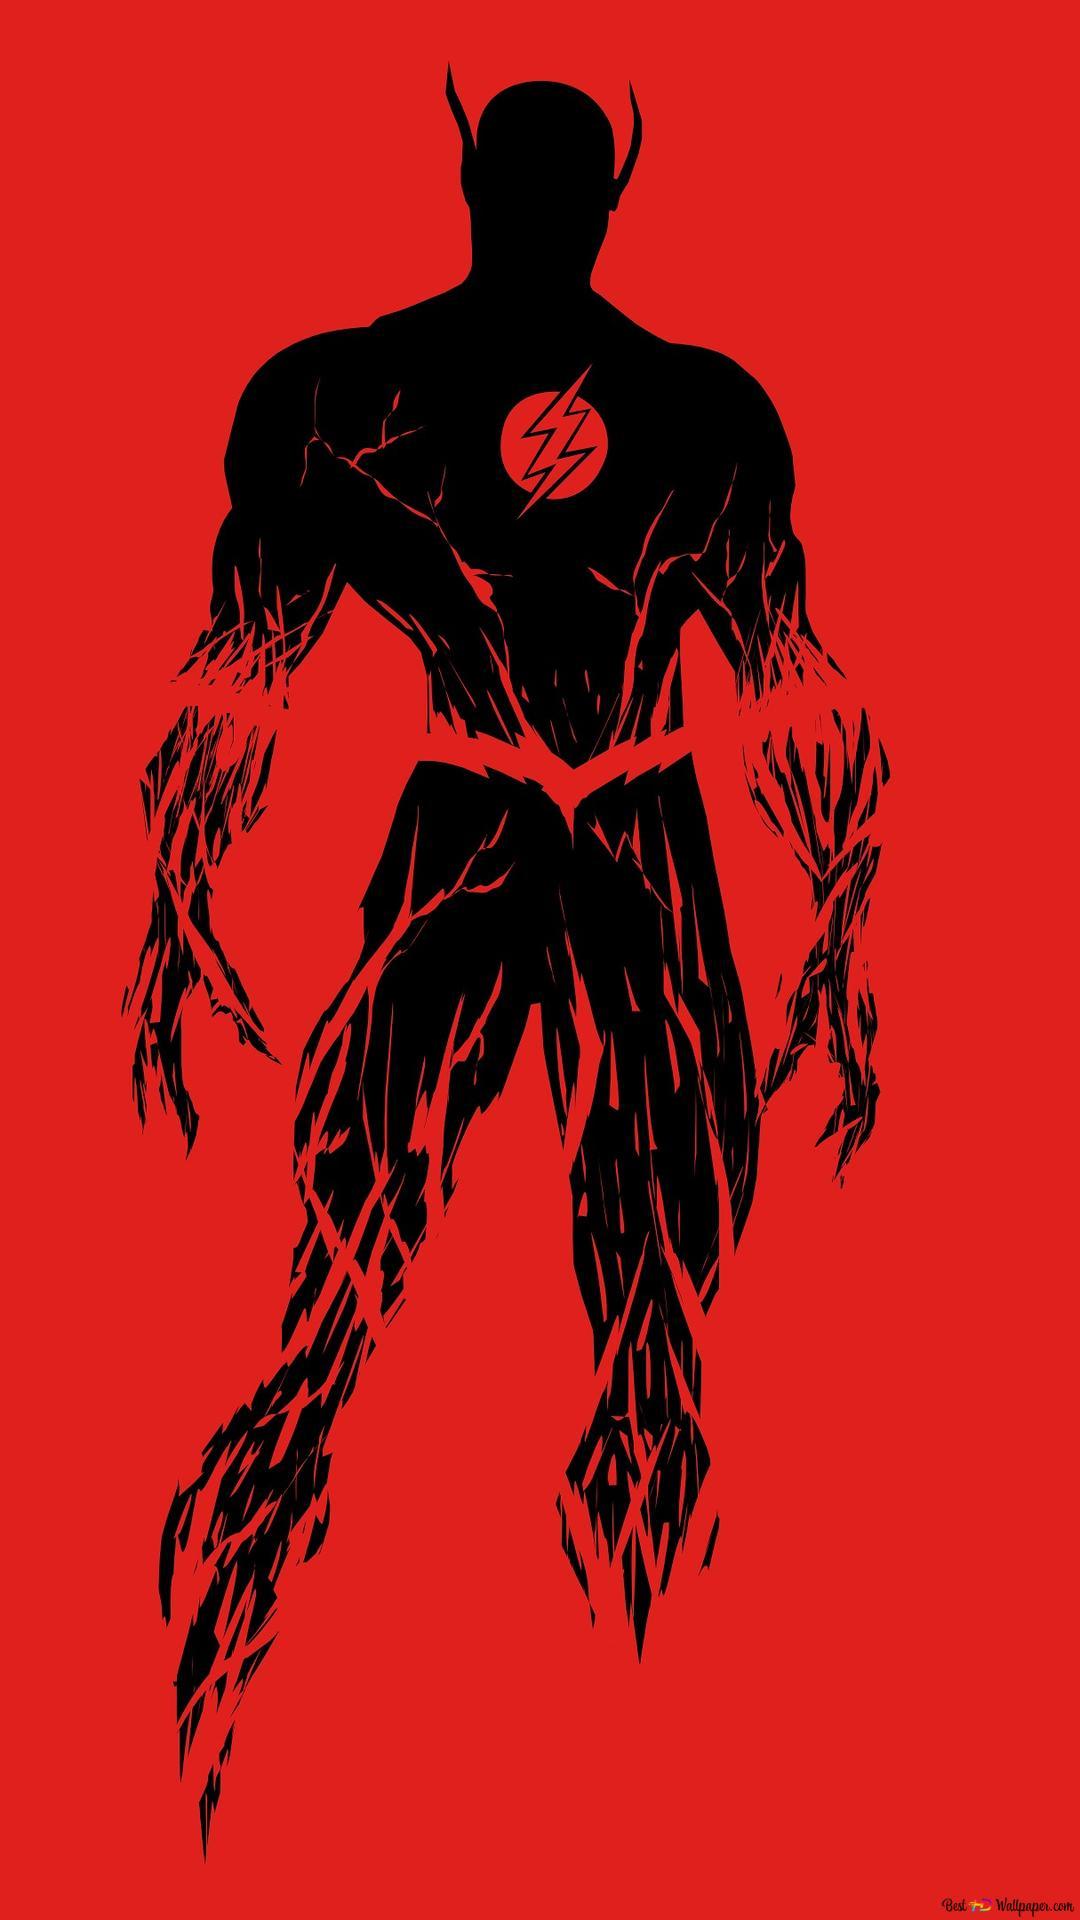 フラッシュ黒と赤のミニマリスト Hd壁紙のダウンロード